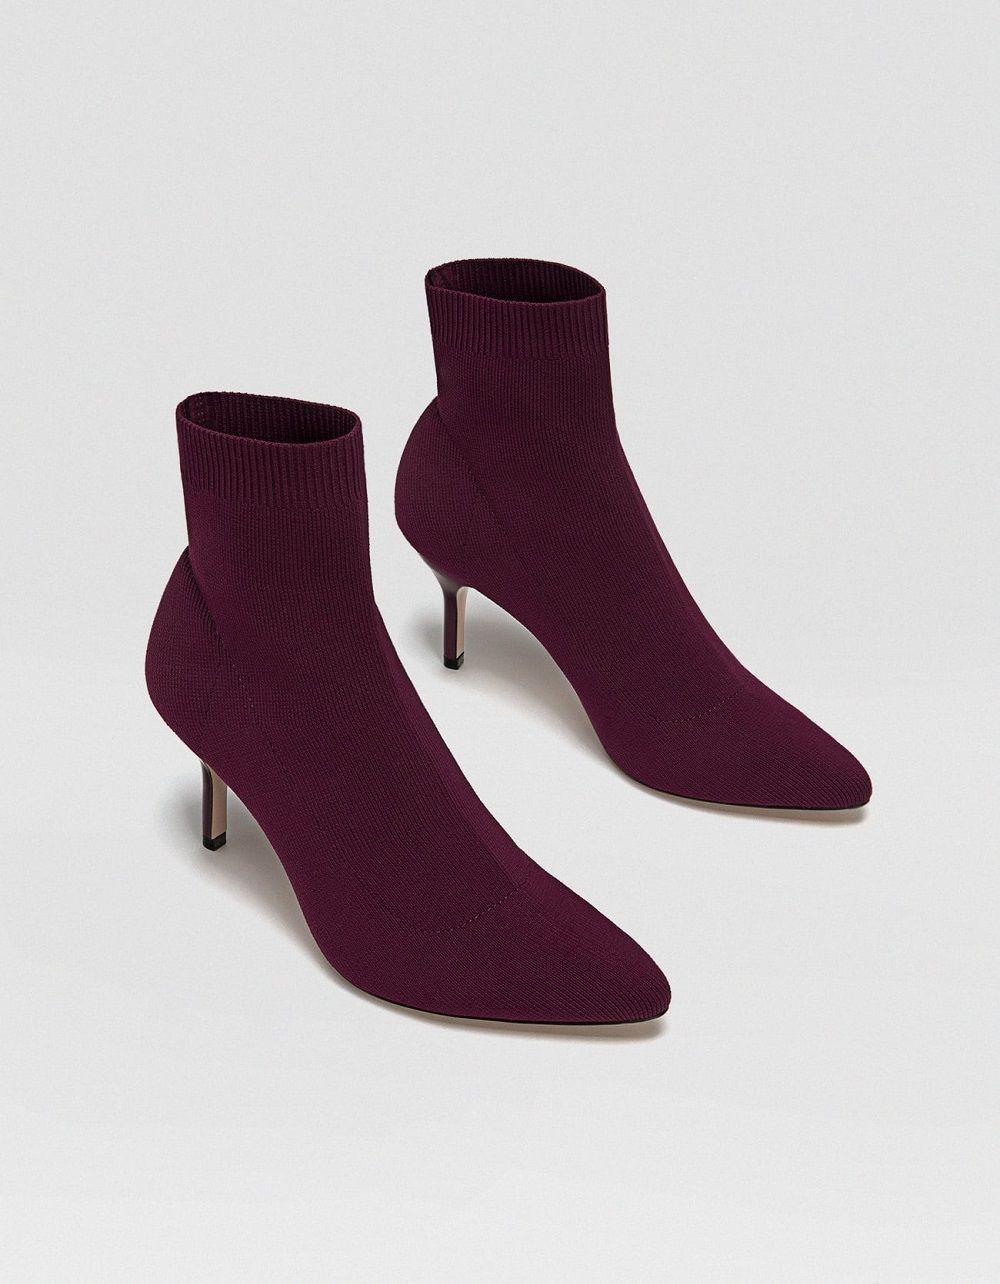 Sepatu yang Akan Buat Penampilanmu Makin Keren Saat ke Kampus